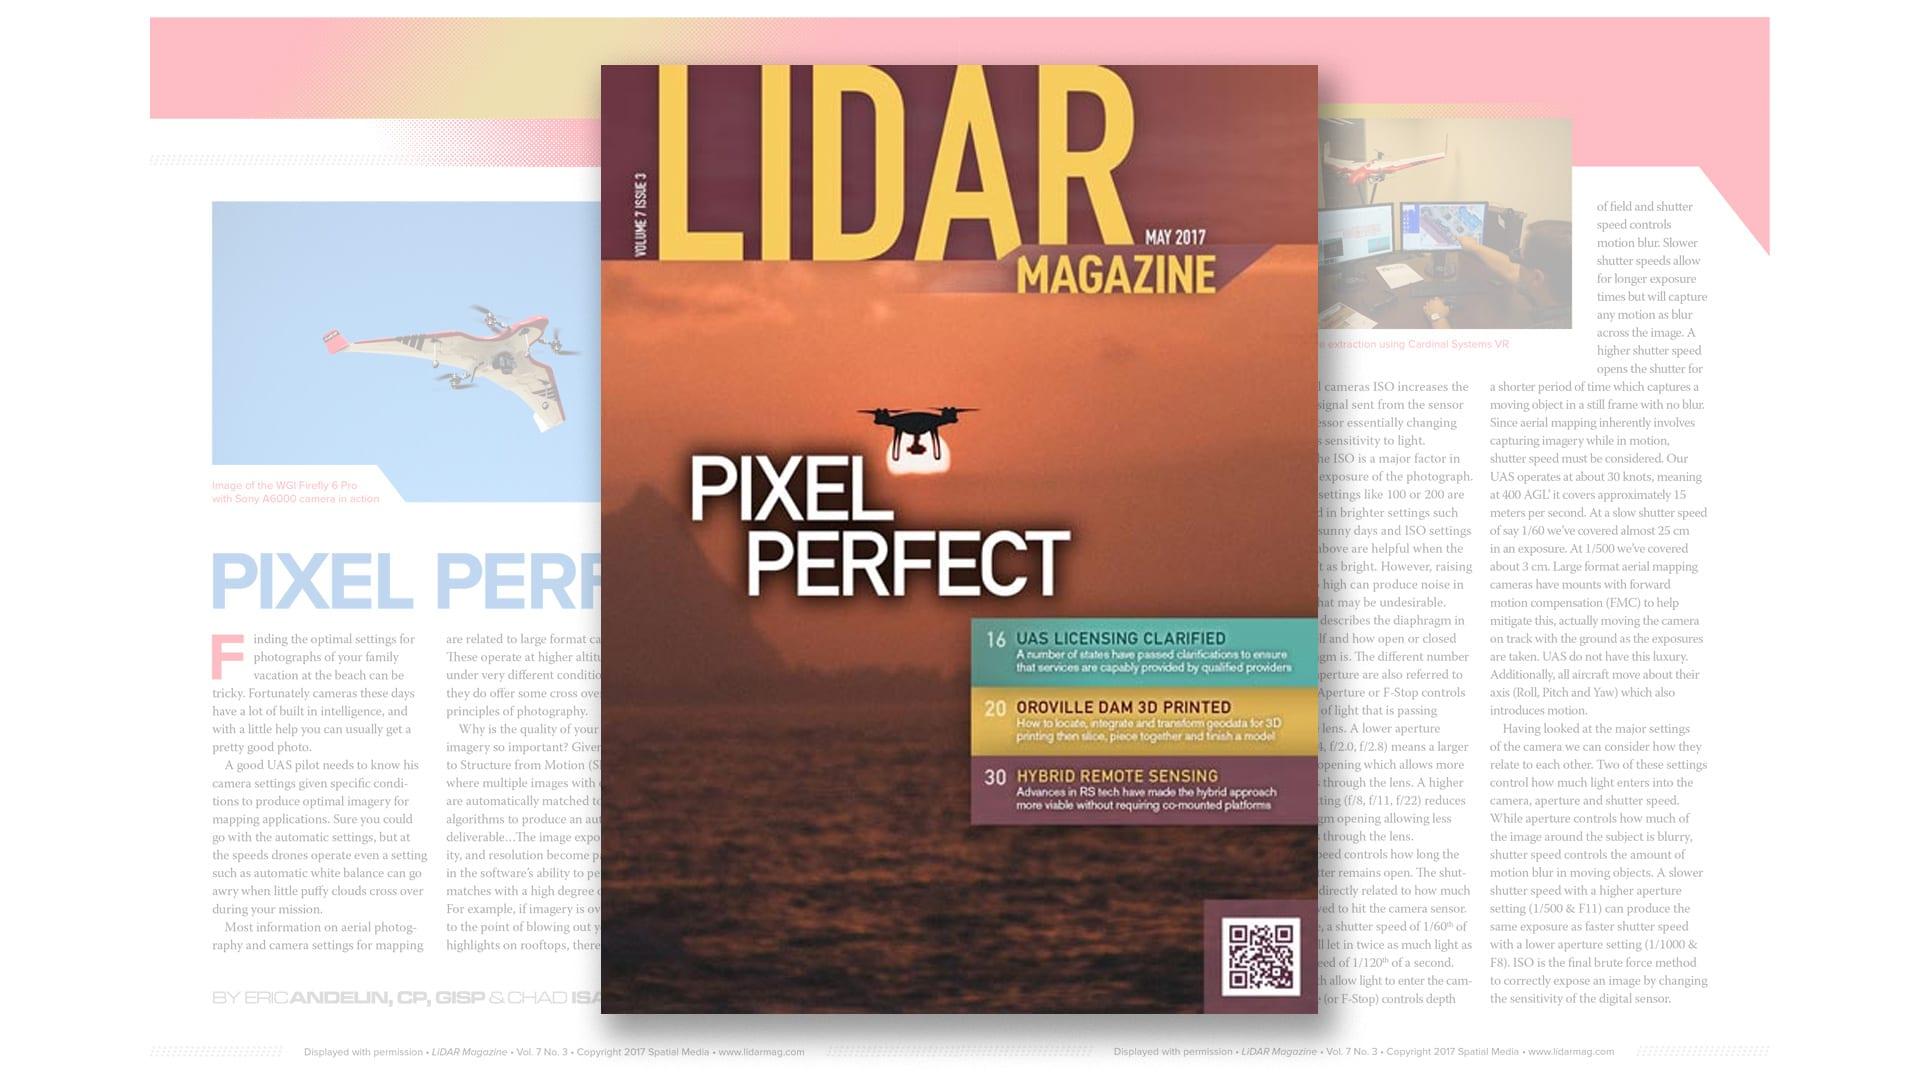 Lidar Magazine May 2017